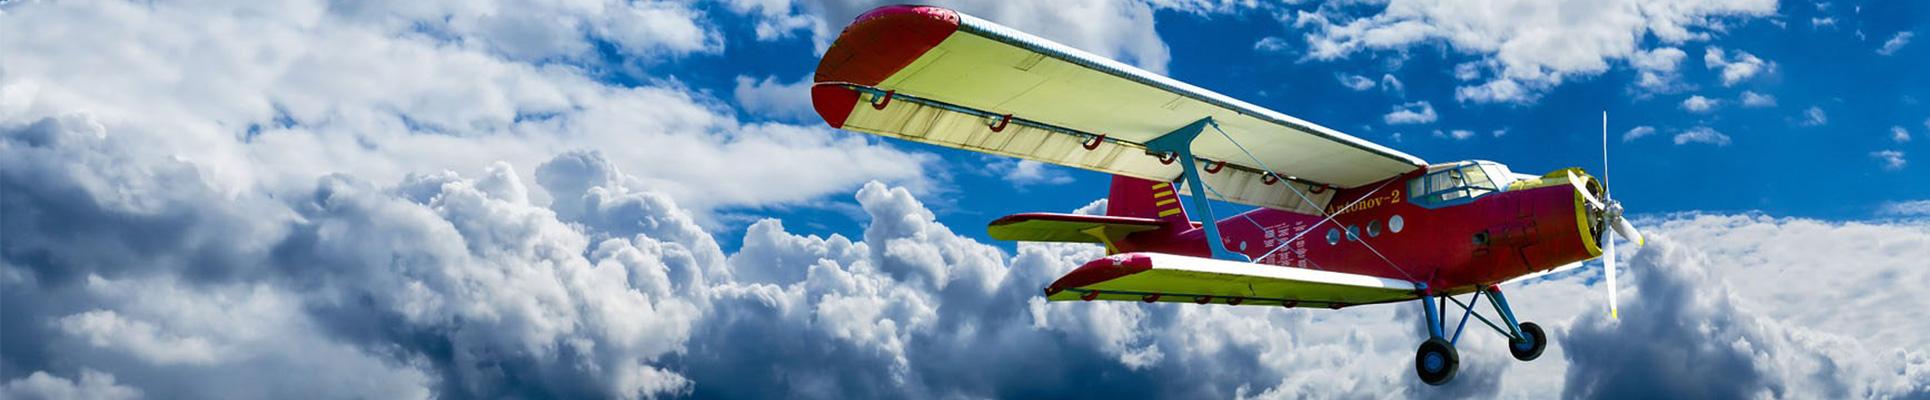 Servantrip aterriza con nuevos servicios en Fuerteventura